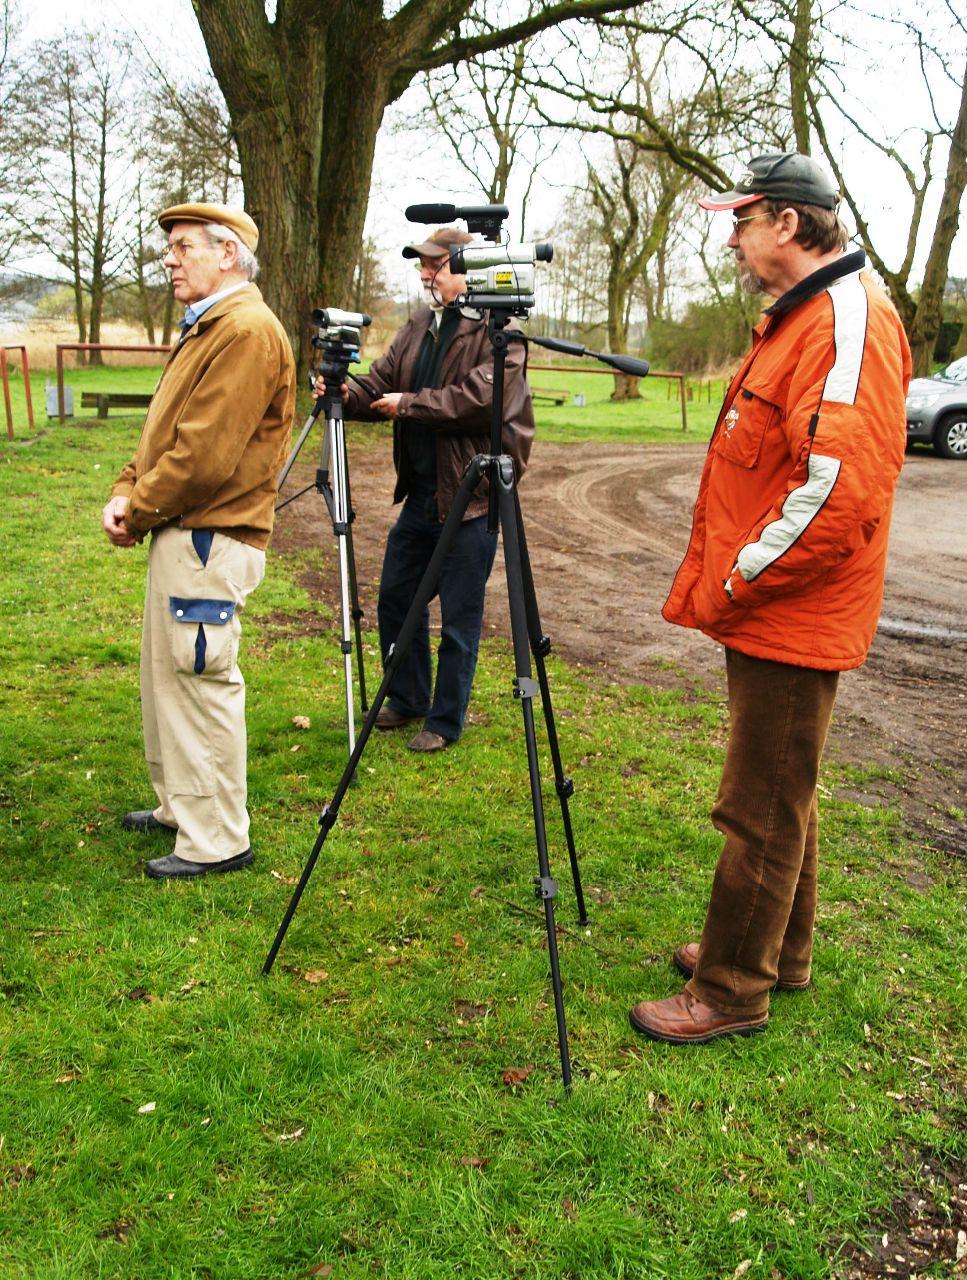 Kamerateam des Offenen Kanals Kiel